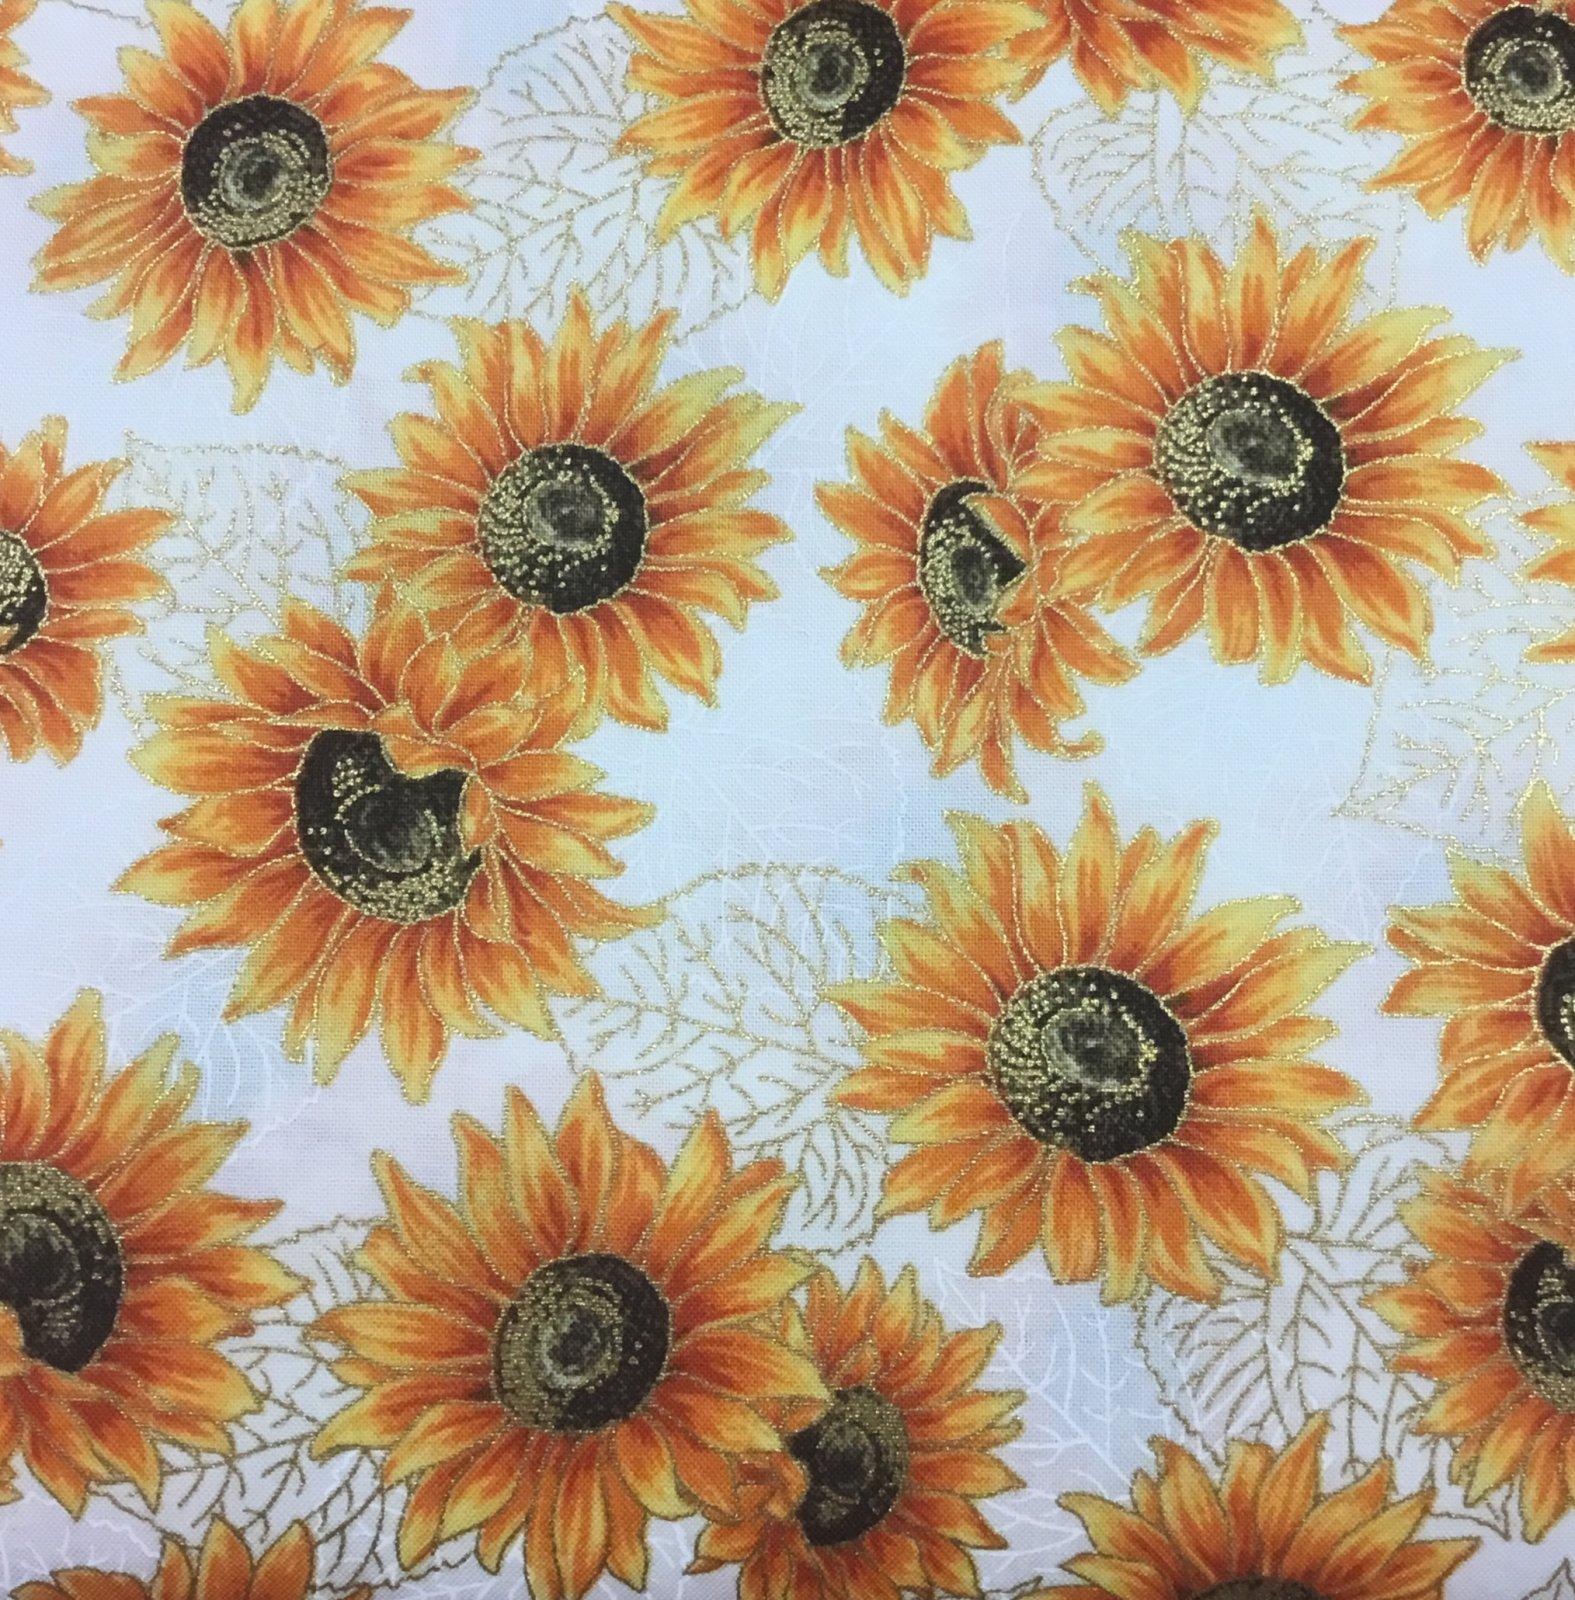 Autumn Beauties Metallic Sunflower